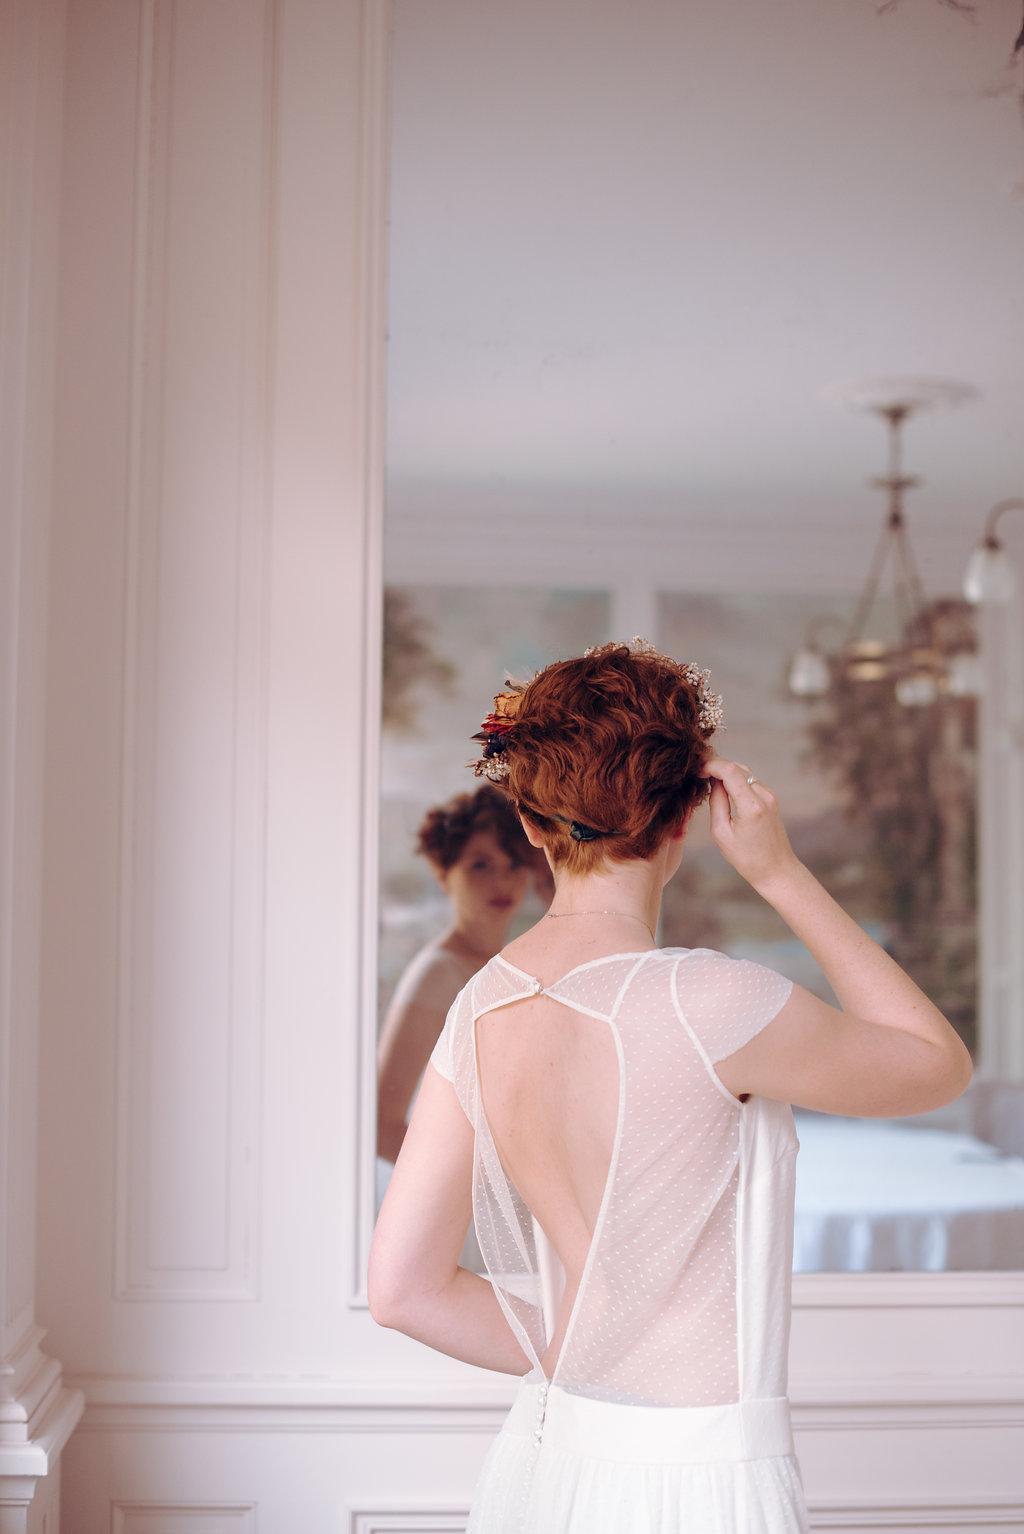 Léa-Fery-photographe-professionnel-lyon-rhone-alpes-portrait-creation-mariage-evenement-evenementiel-famille-7376.jpg